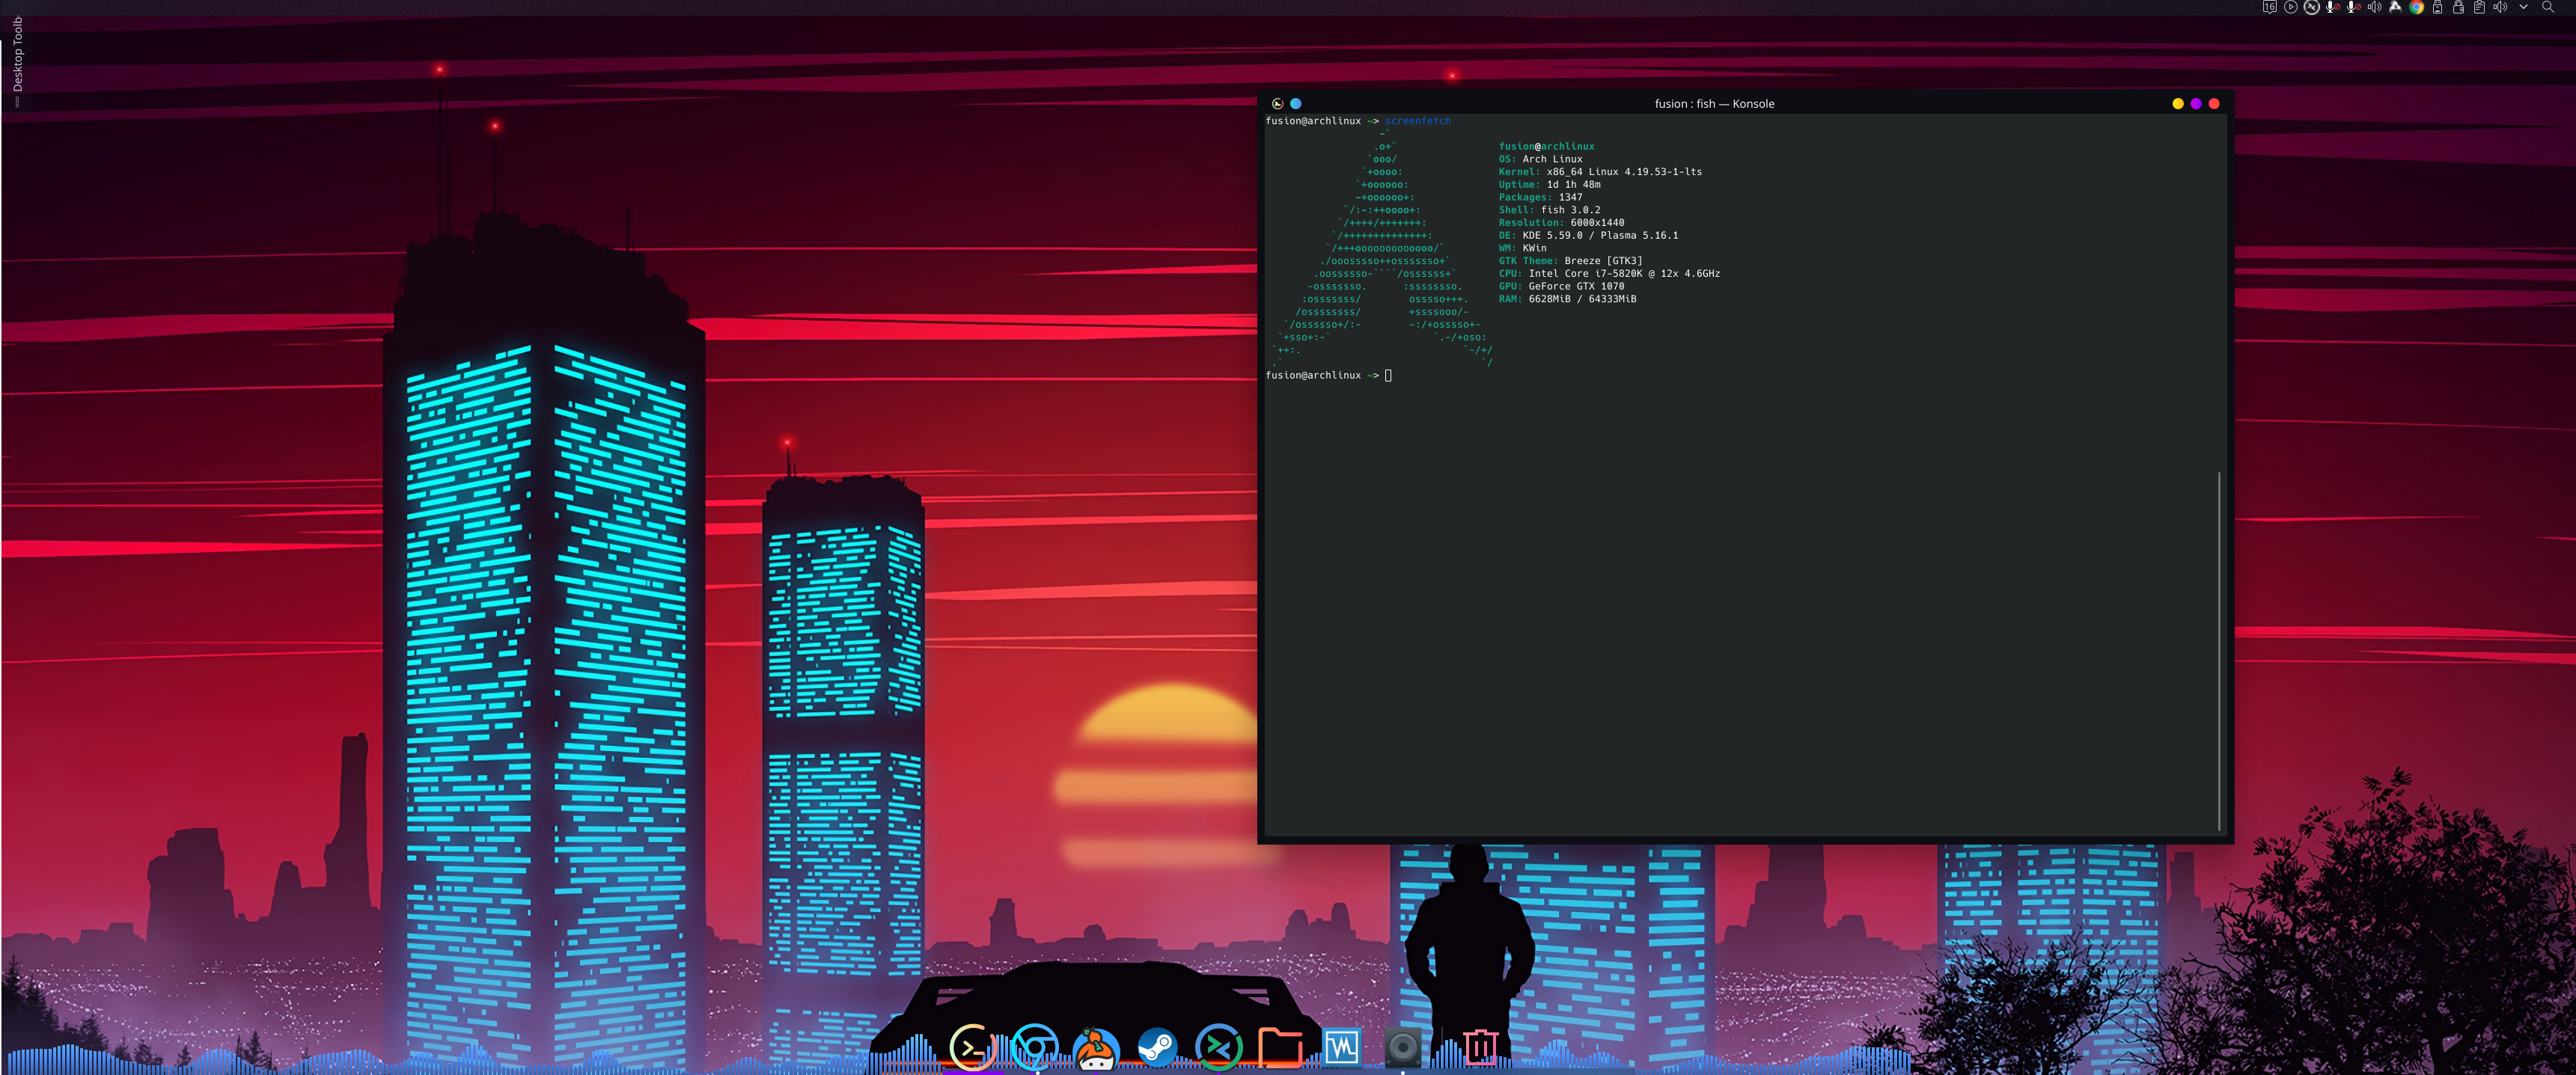 GNU / Linux Desktops: 3Q 2019 - Linux/Unix - Neowin